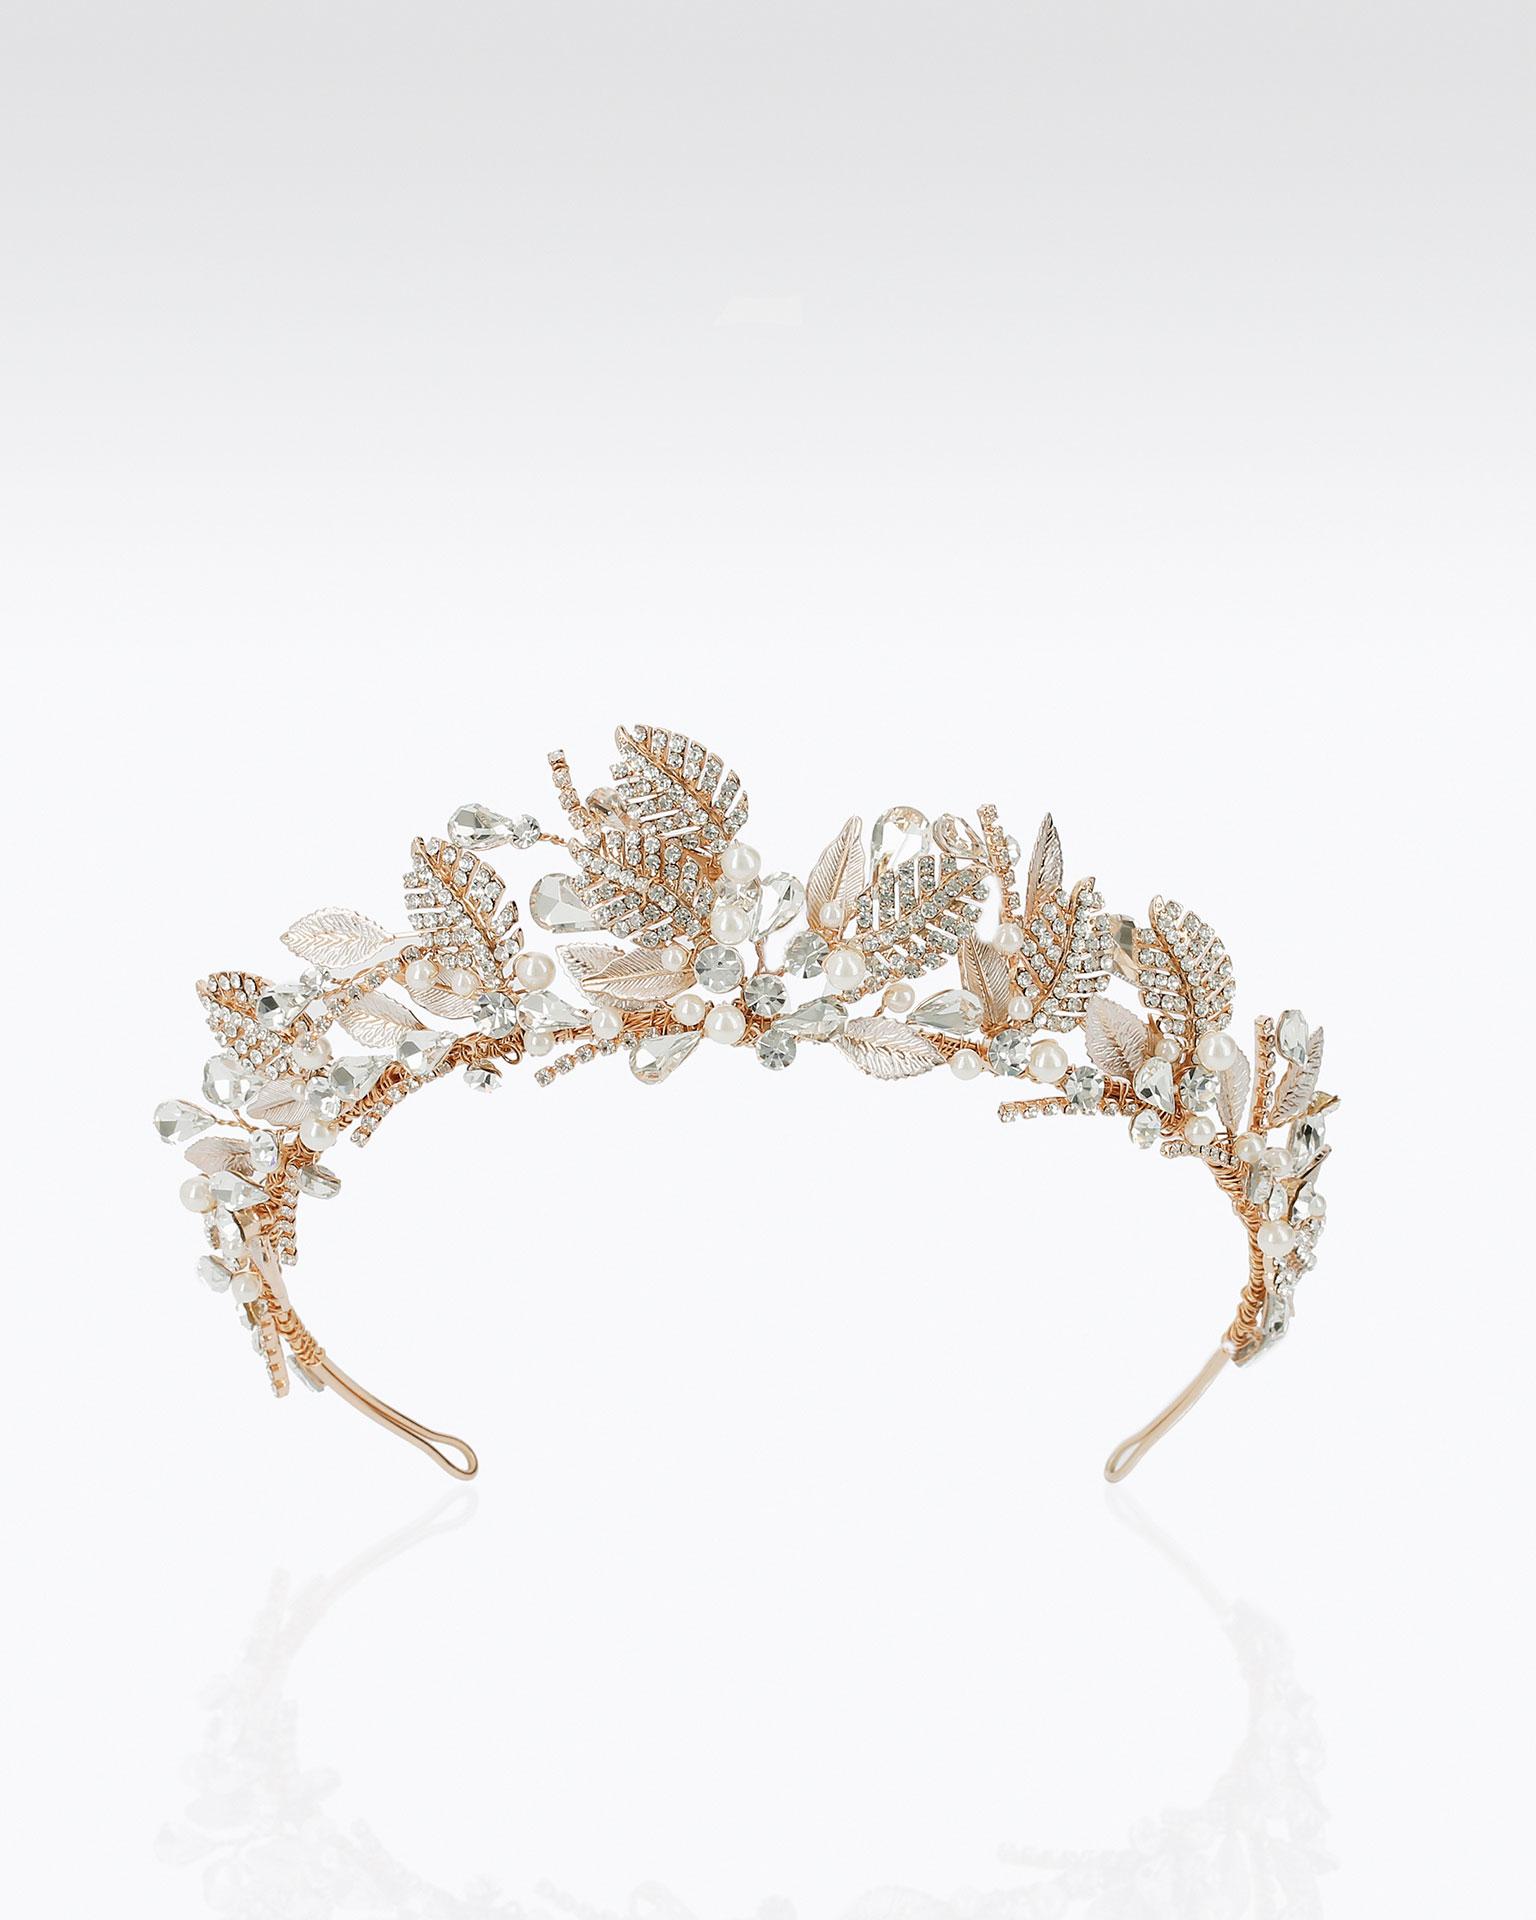 Coroa de noiva de cristais e metal. Disponível em prateado e rosé. Coleção MARTHA_BLANC 2019.